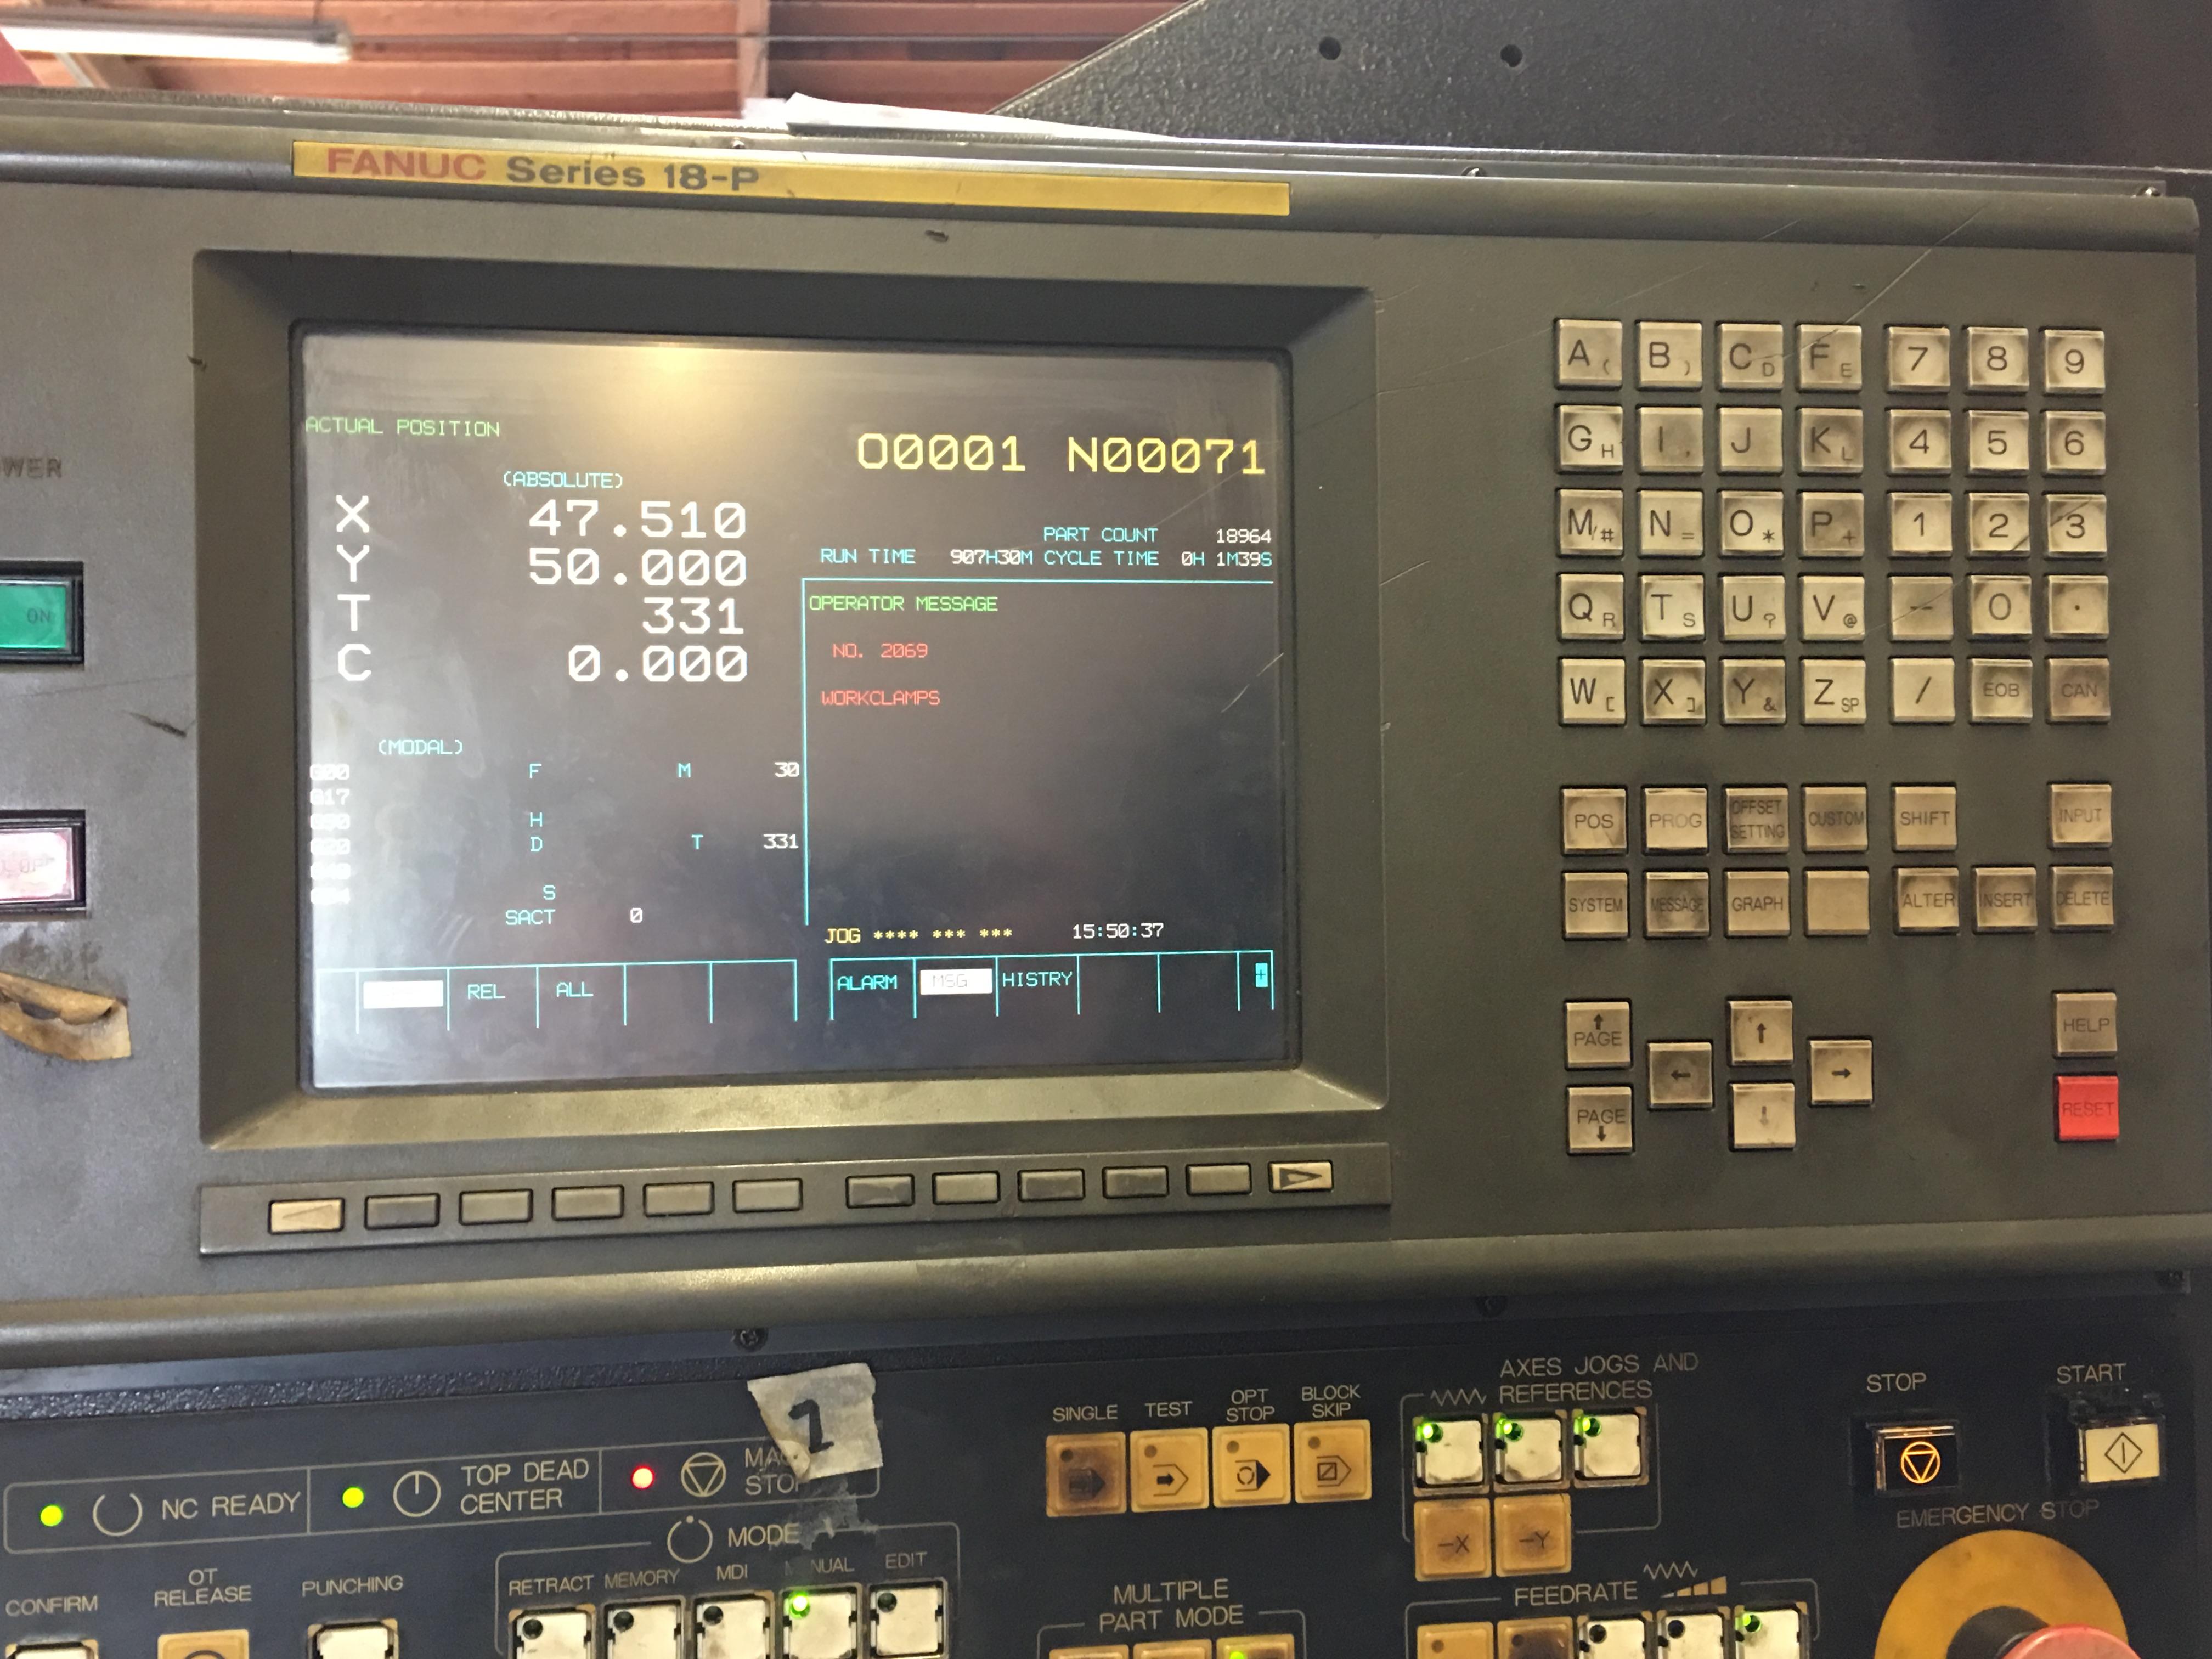 Amada Vipros 255 Turret Punch - Fabricating Machinery Inc